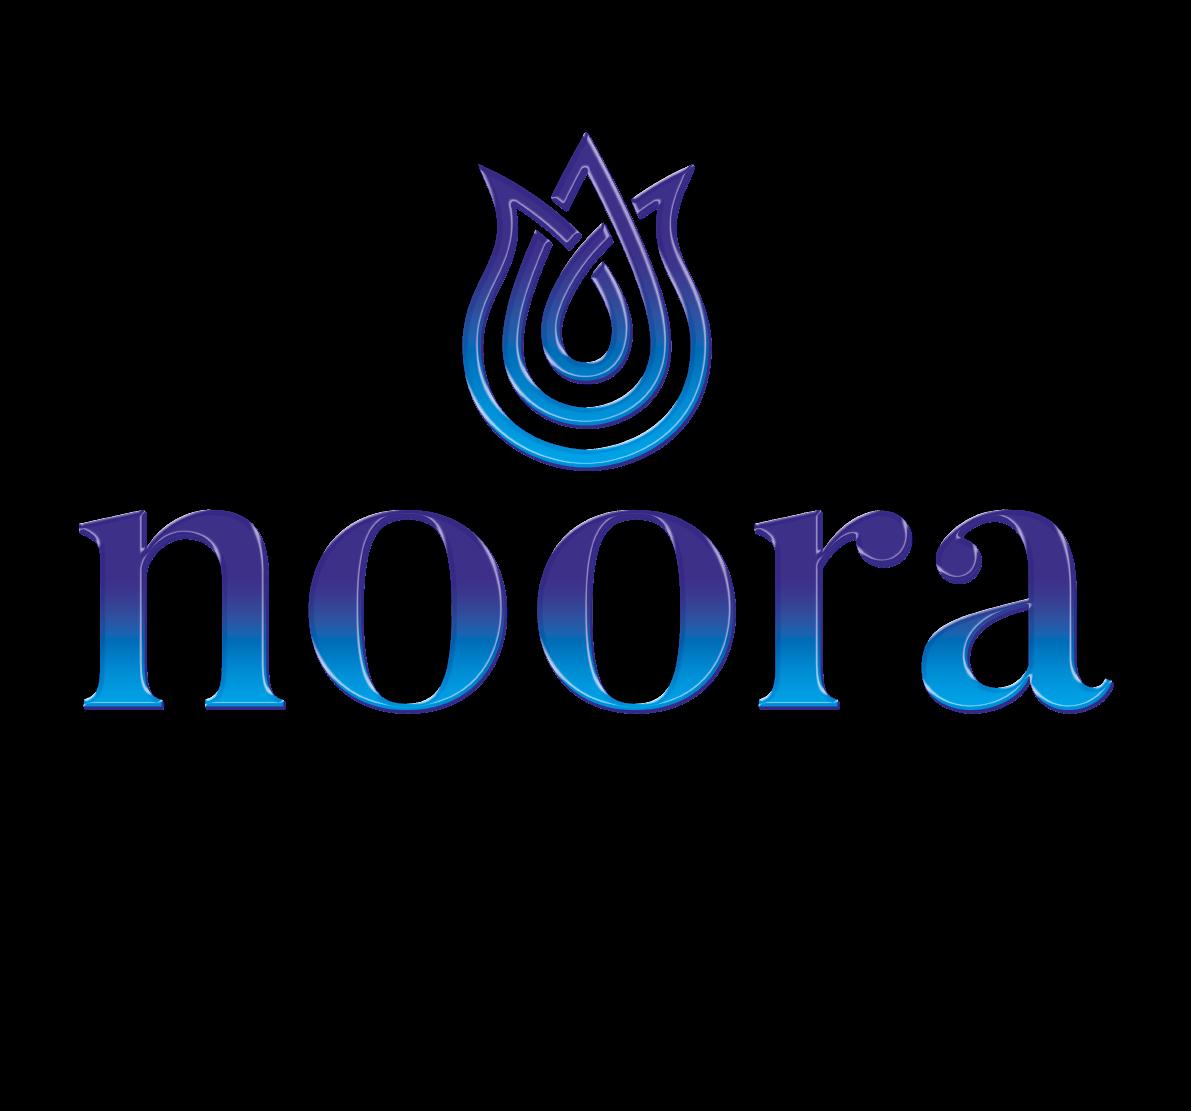 nooralogonew (1)